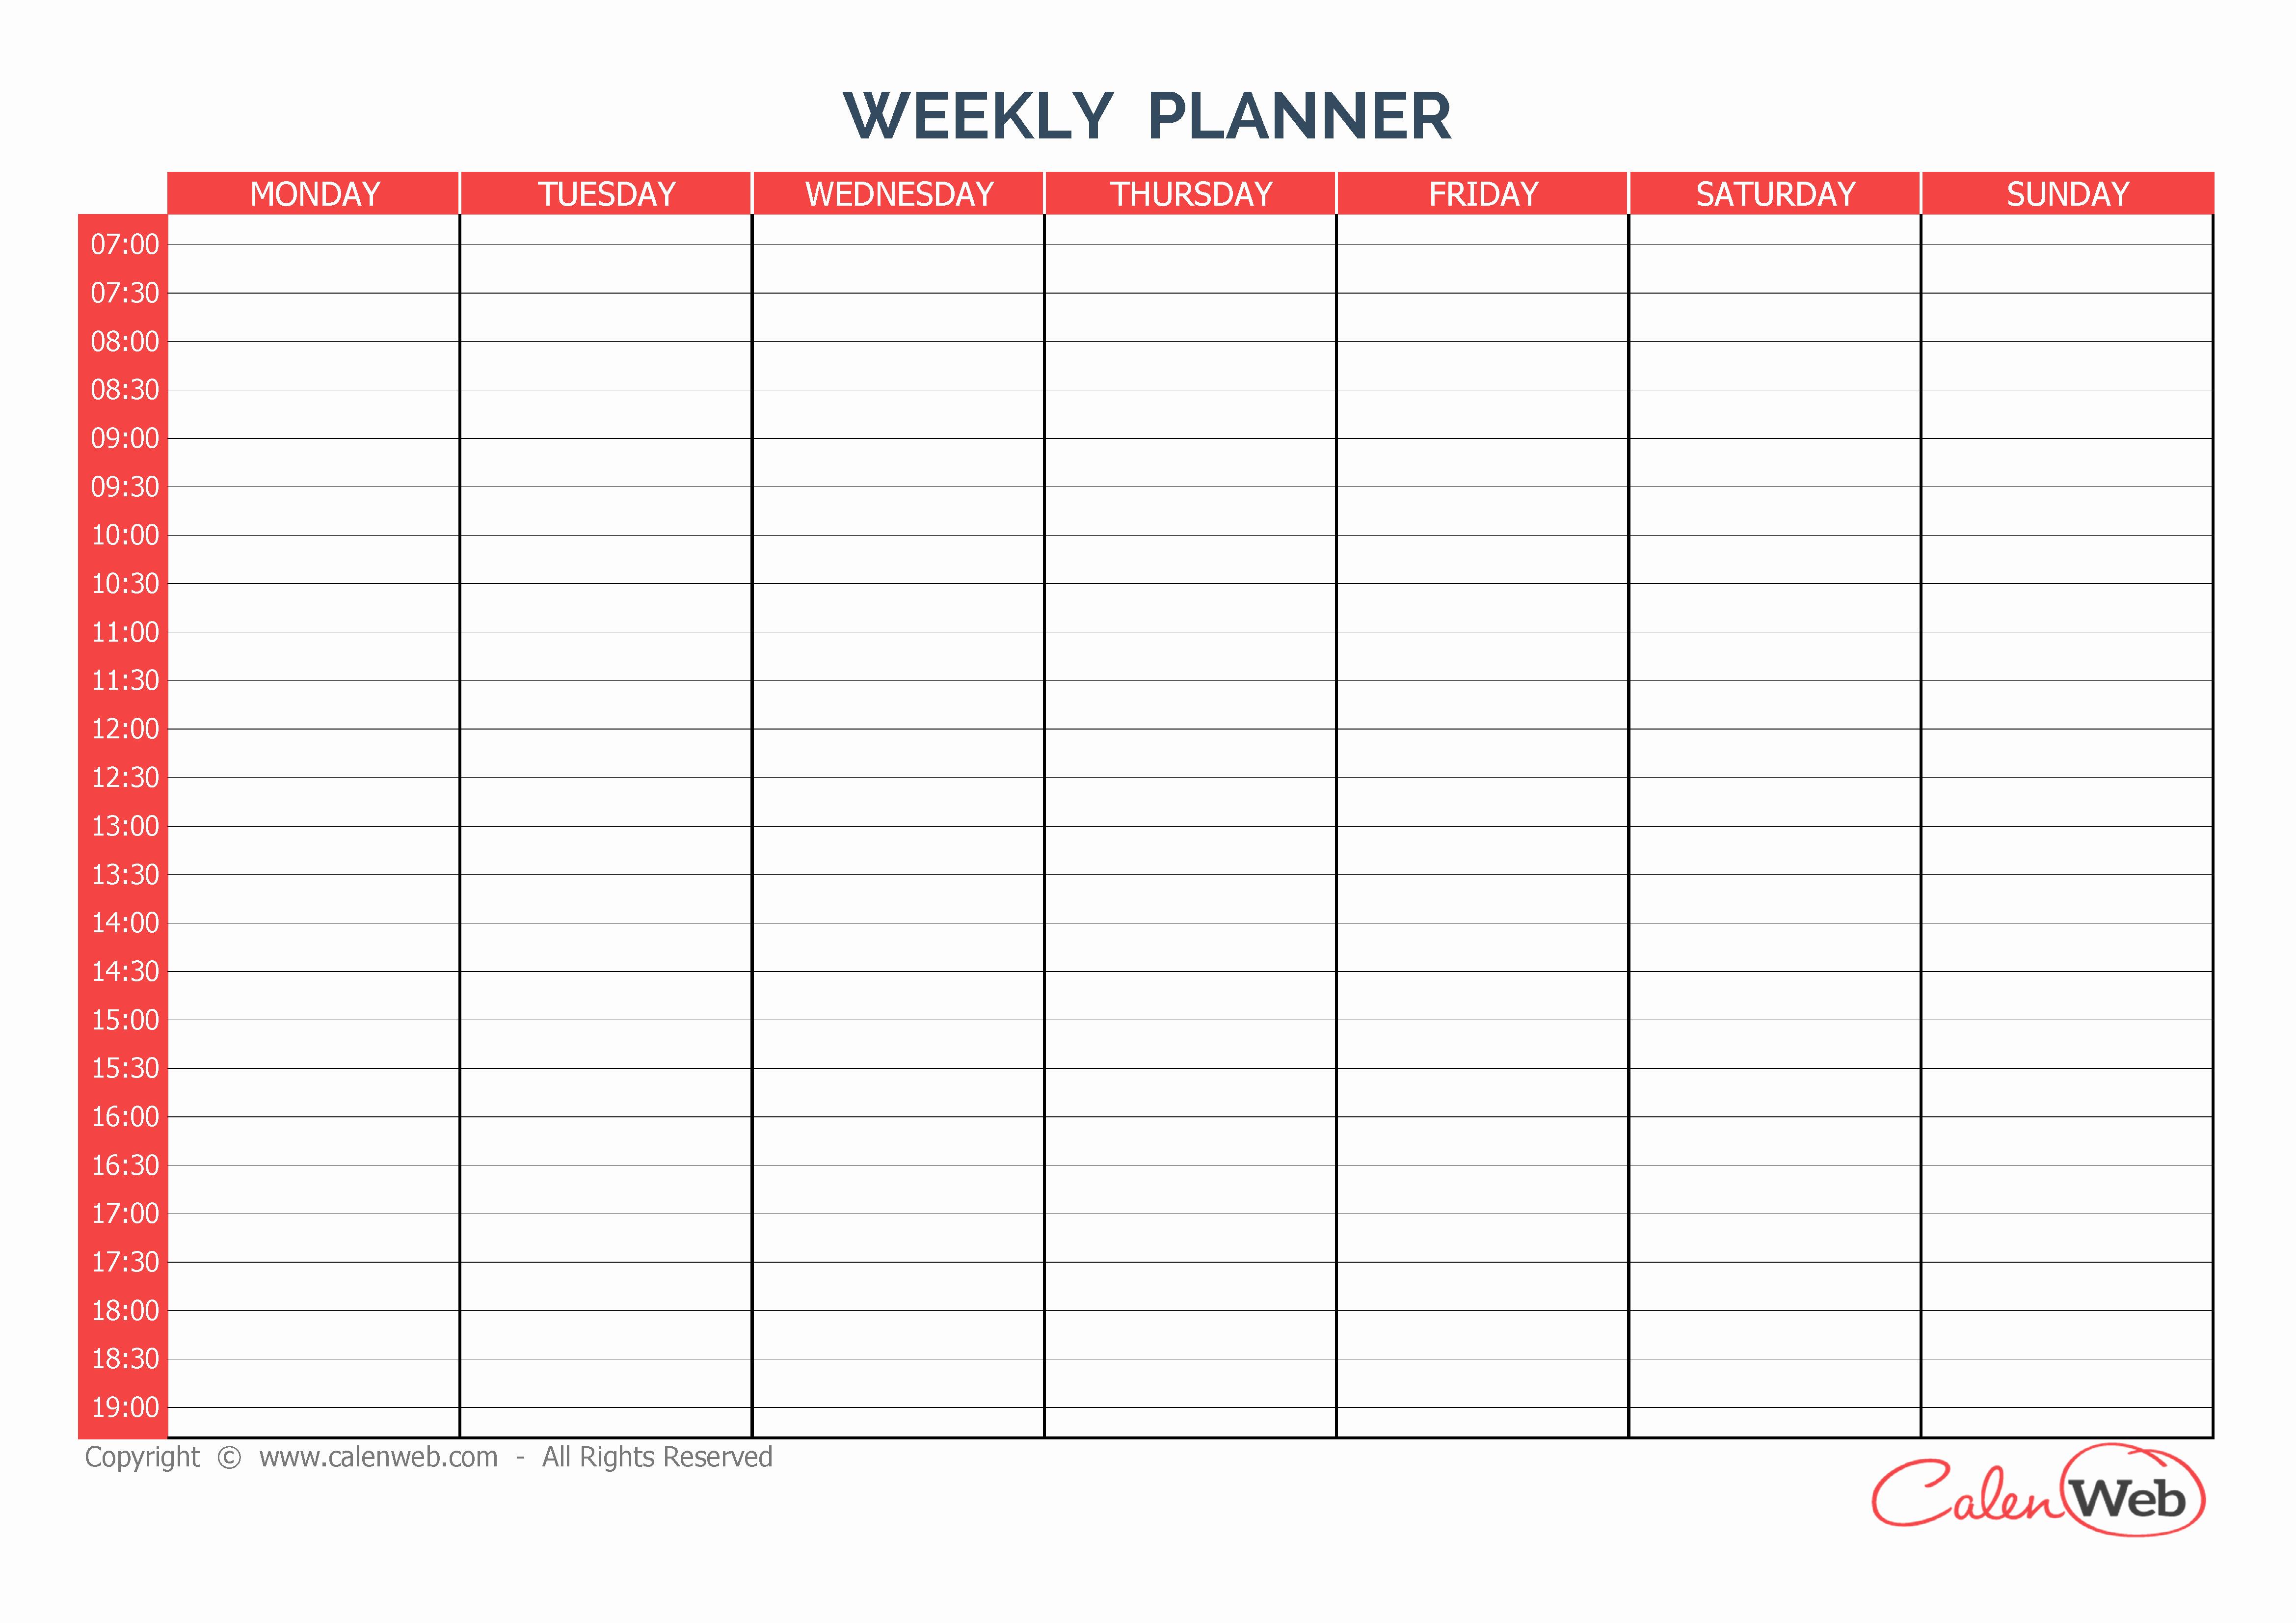 Weekly Calendar Planner